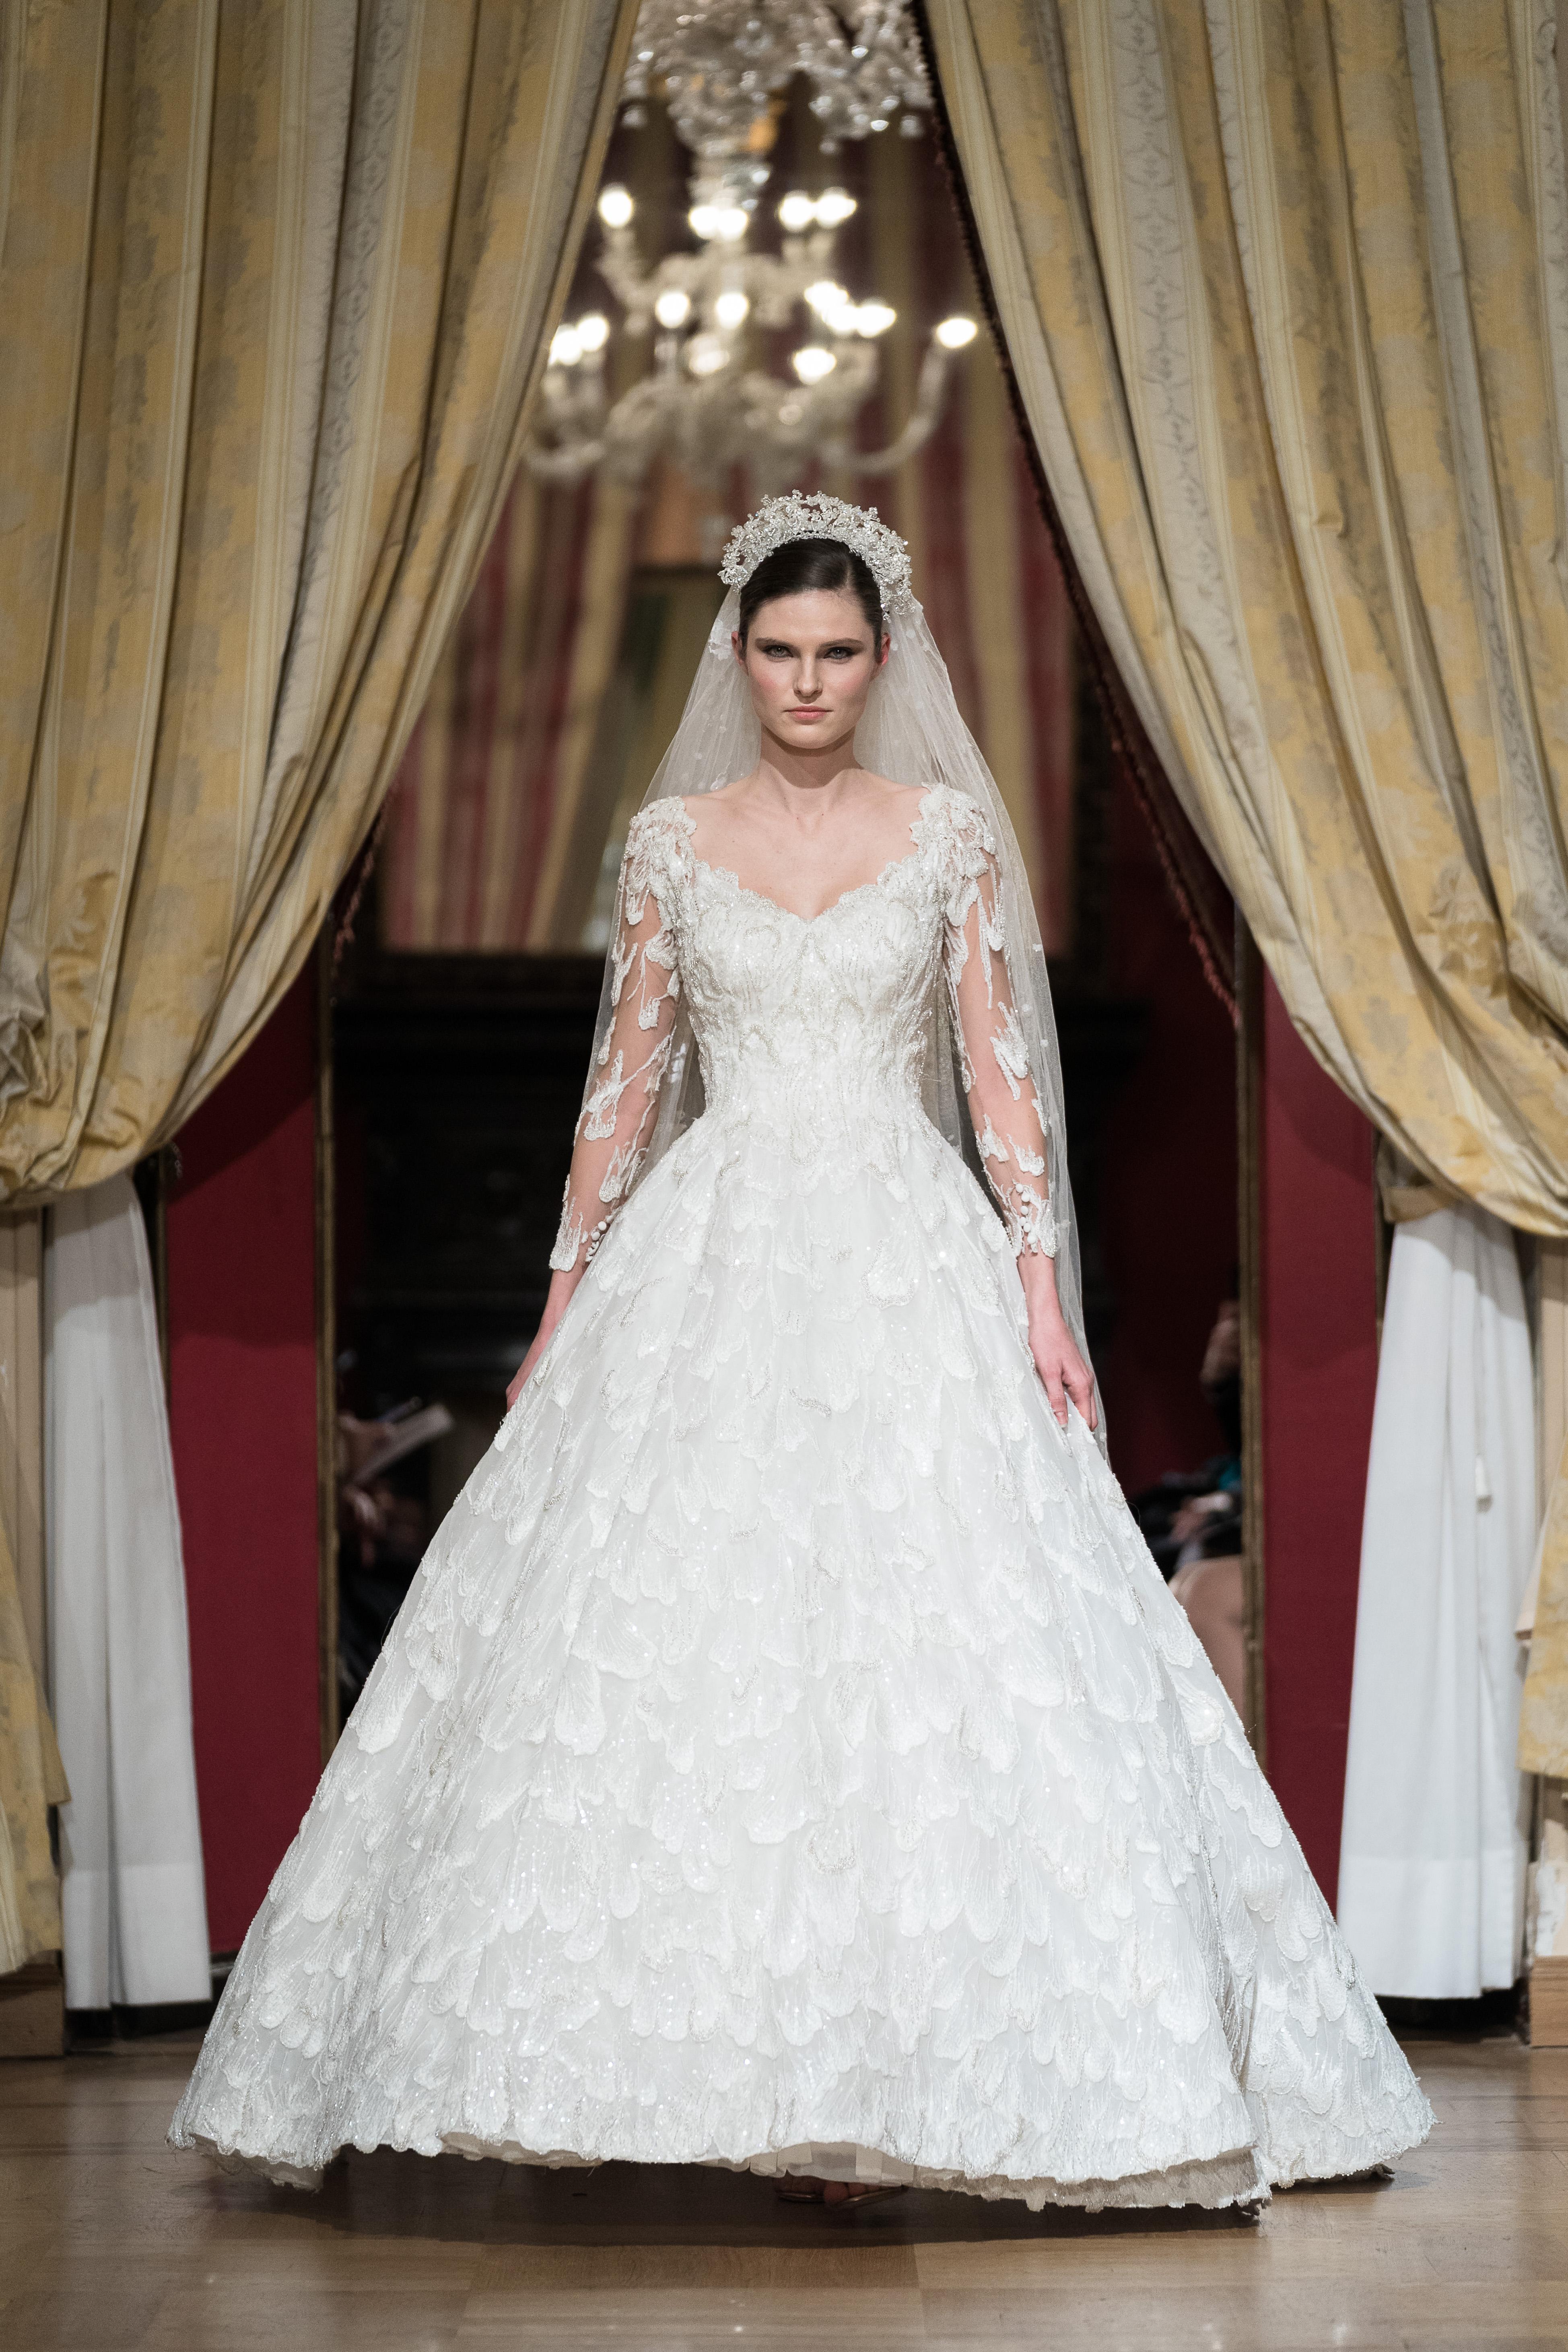 3e16b55355 Usa i migliori tessuti di pizzo e seta per design raffinati che esaltano la  semplicità e l'eleganza. Magnifici abiti immaginati per la sposa che vuole  ...